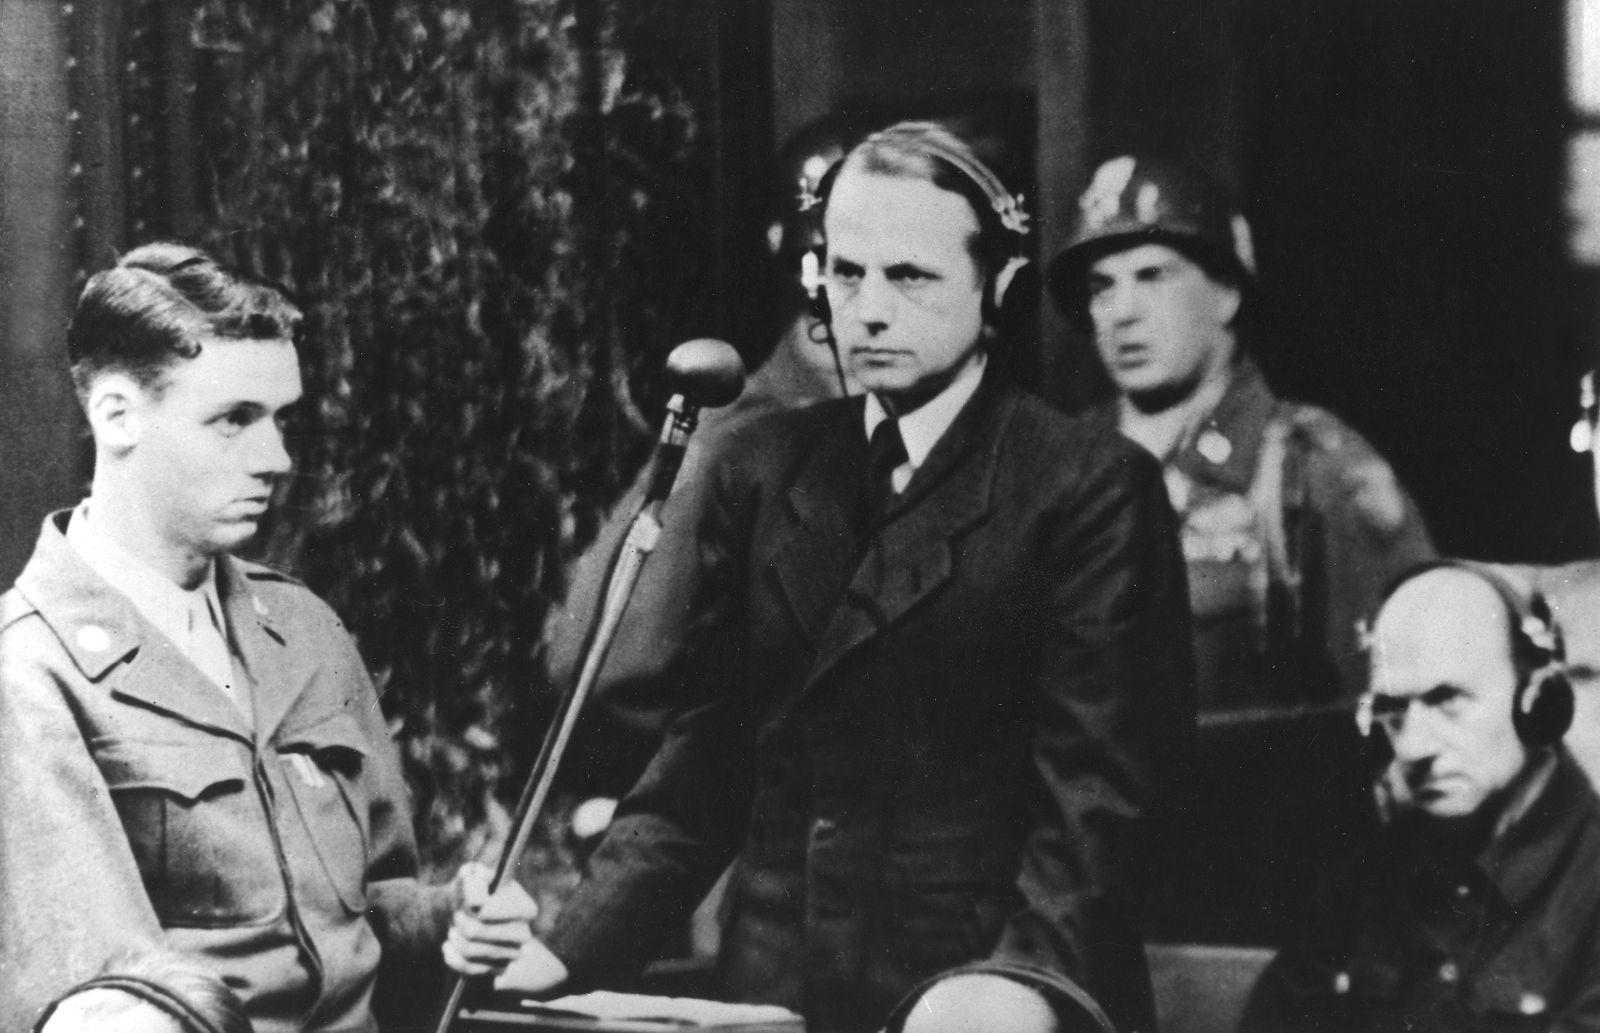 Einsatzgruppenprozess - Ehem. SS General Ohlendorf erklärt sich für 'nicht schuldig'